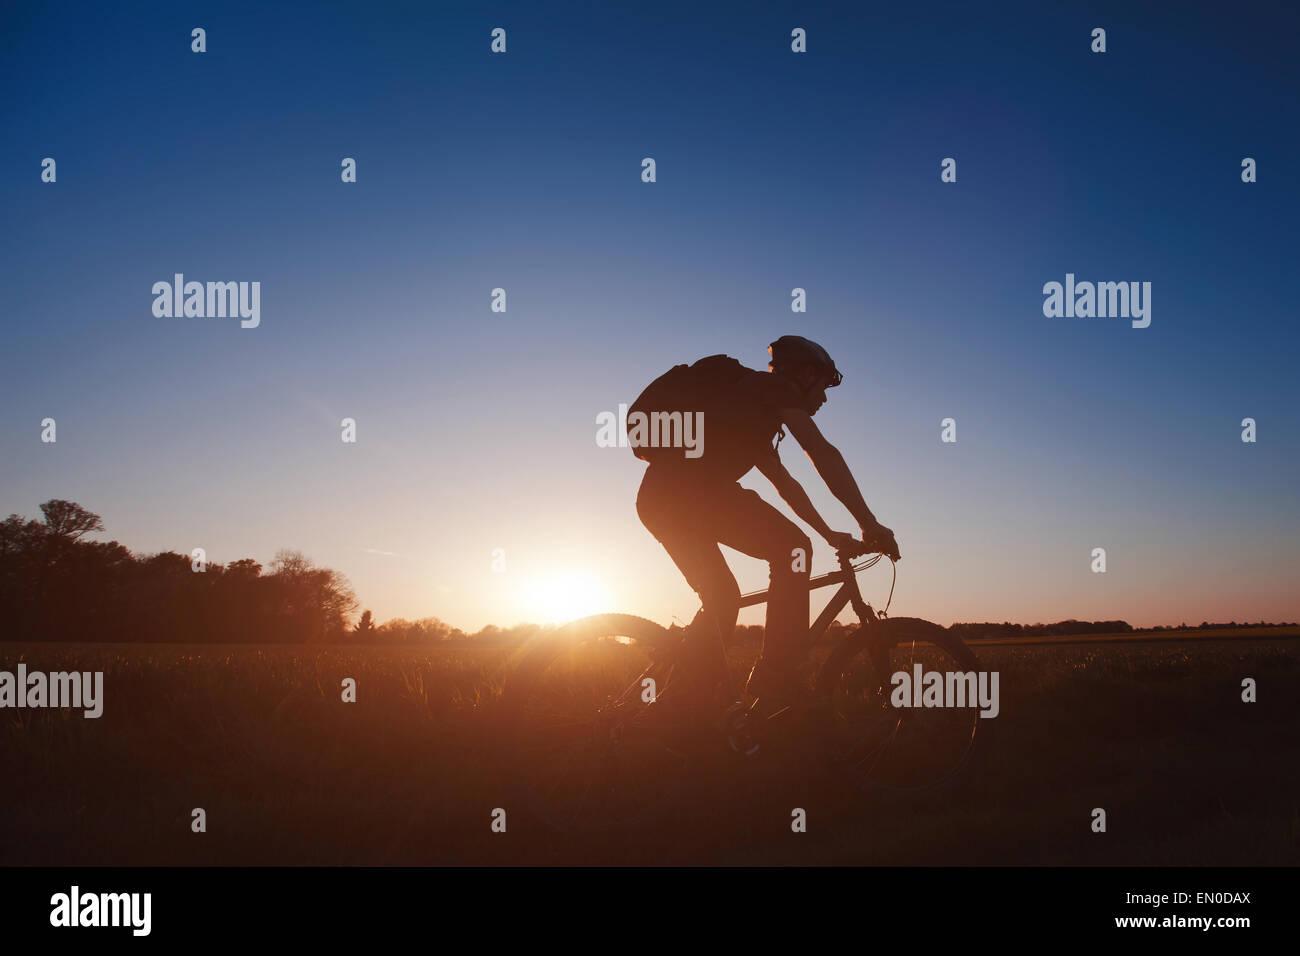 Silhouette de jeune homme sur le vélo au coucher du soleil Banque D'Images